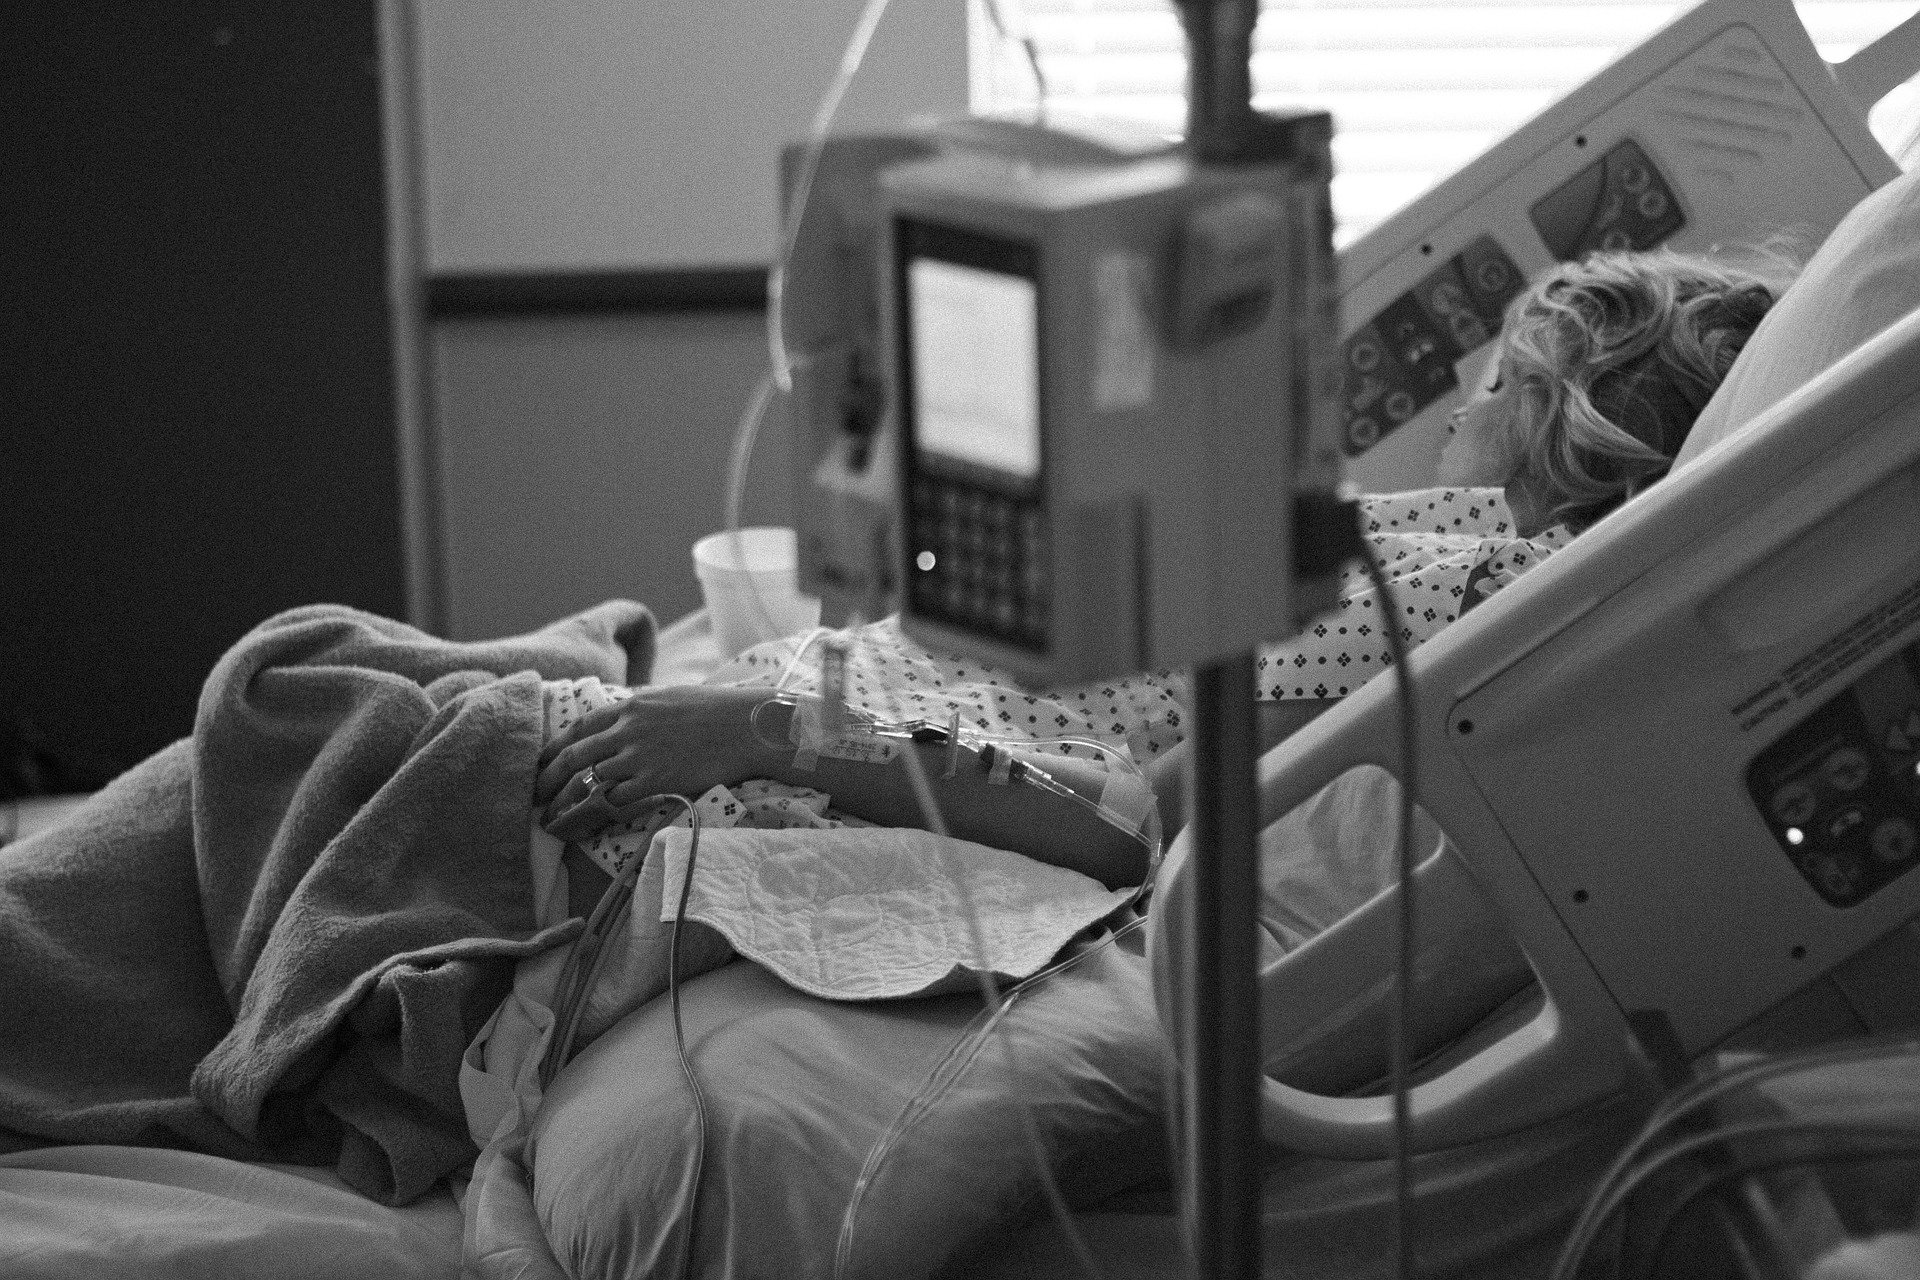 delays in cancer diagnosis